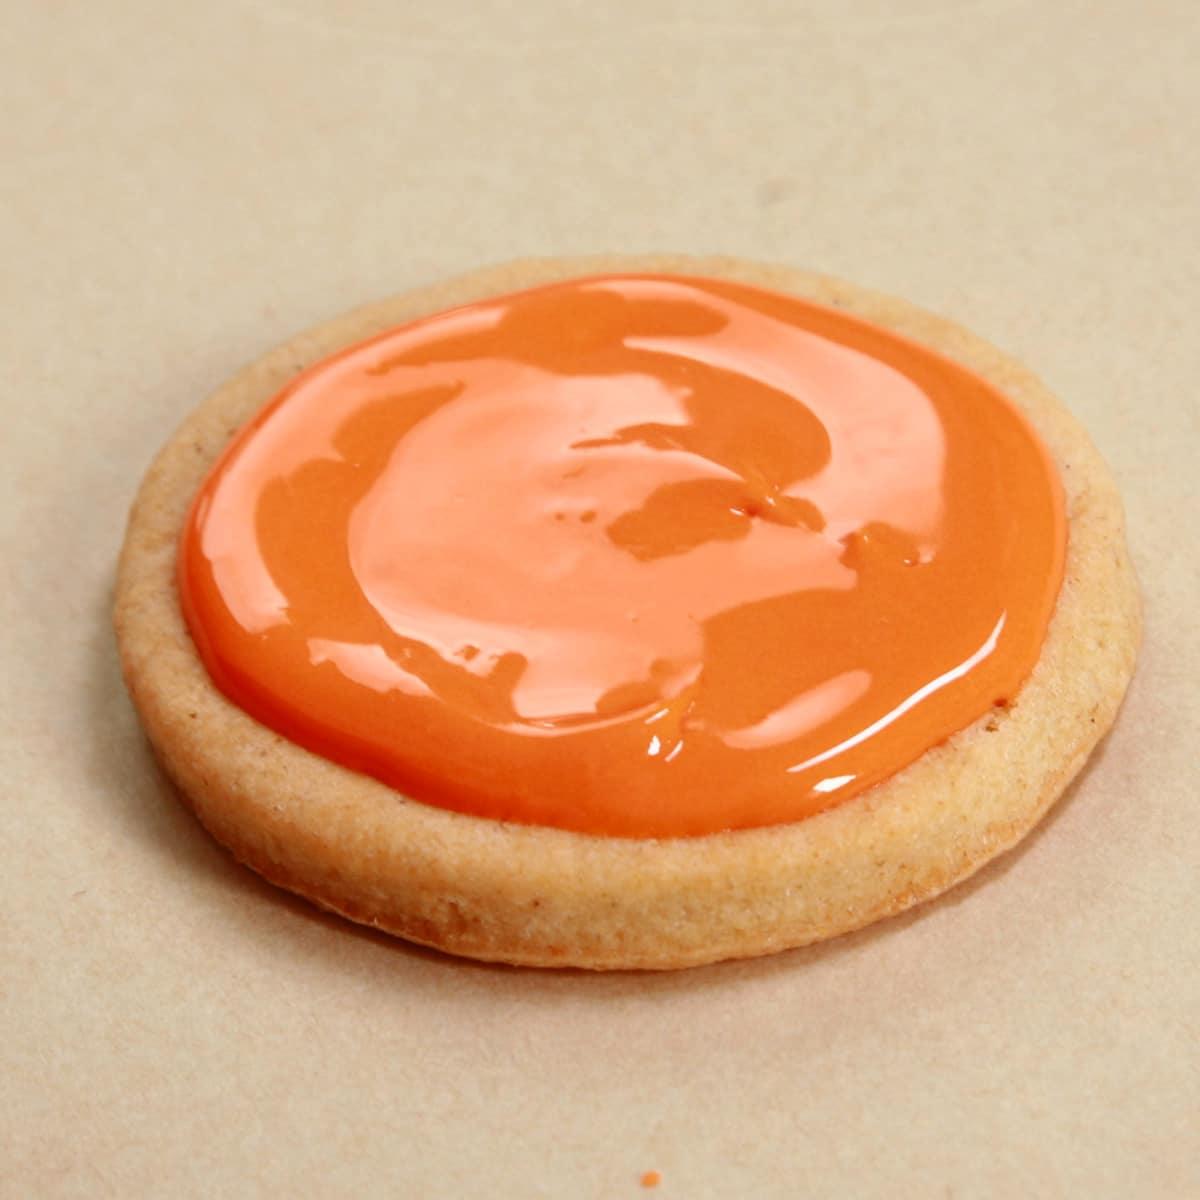 A round sugar cookie, iced with shiny orange glaze.